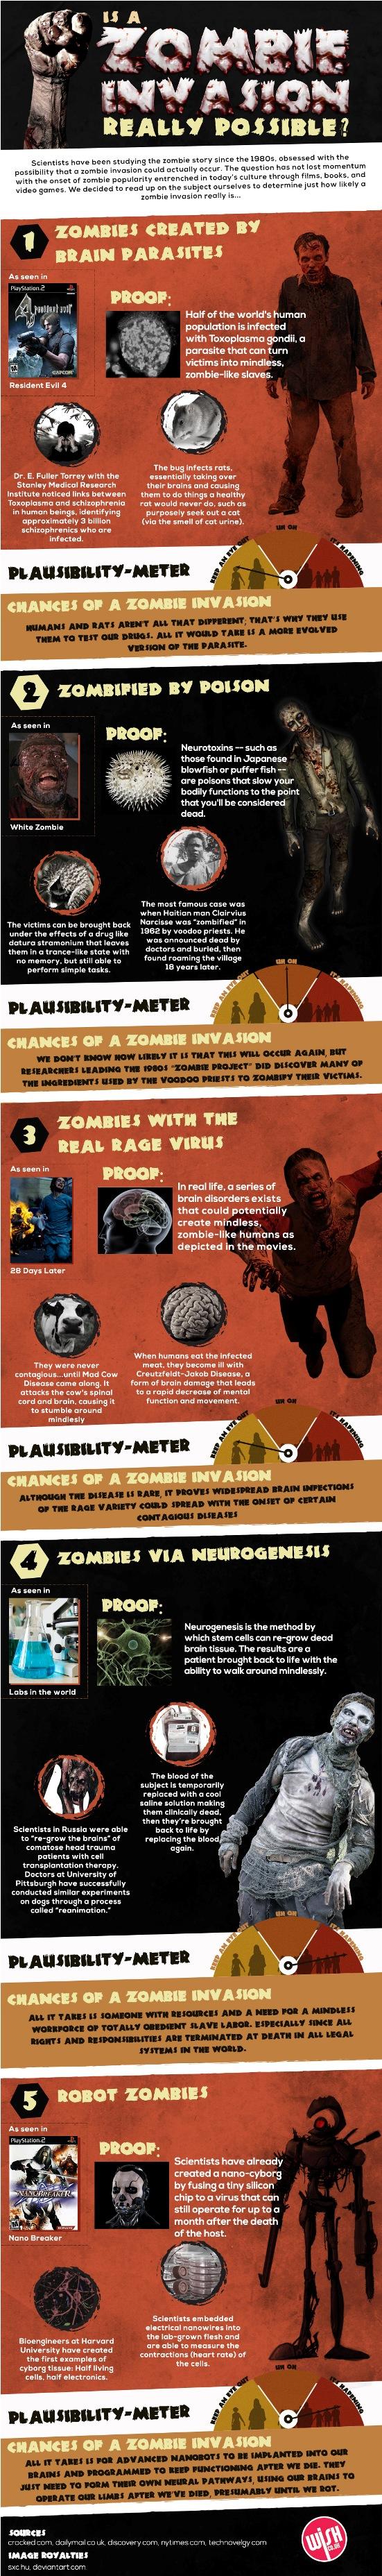 Zombie-Invasion-revised1